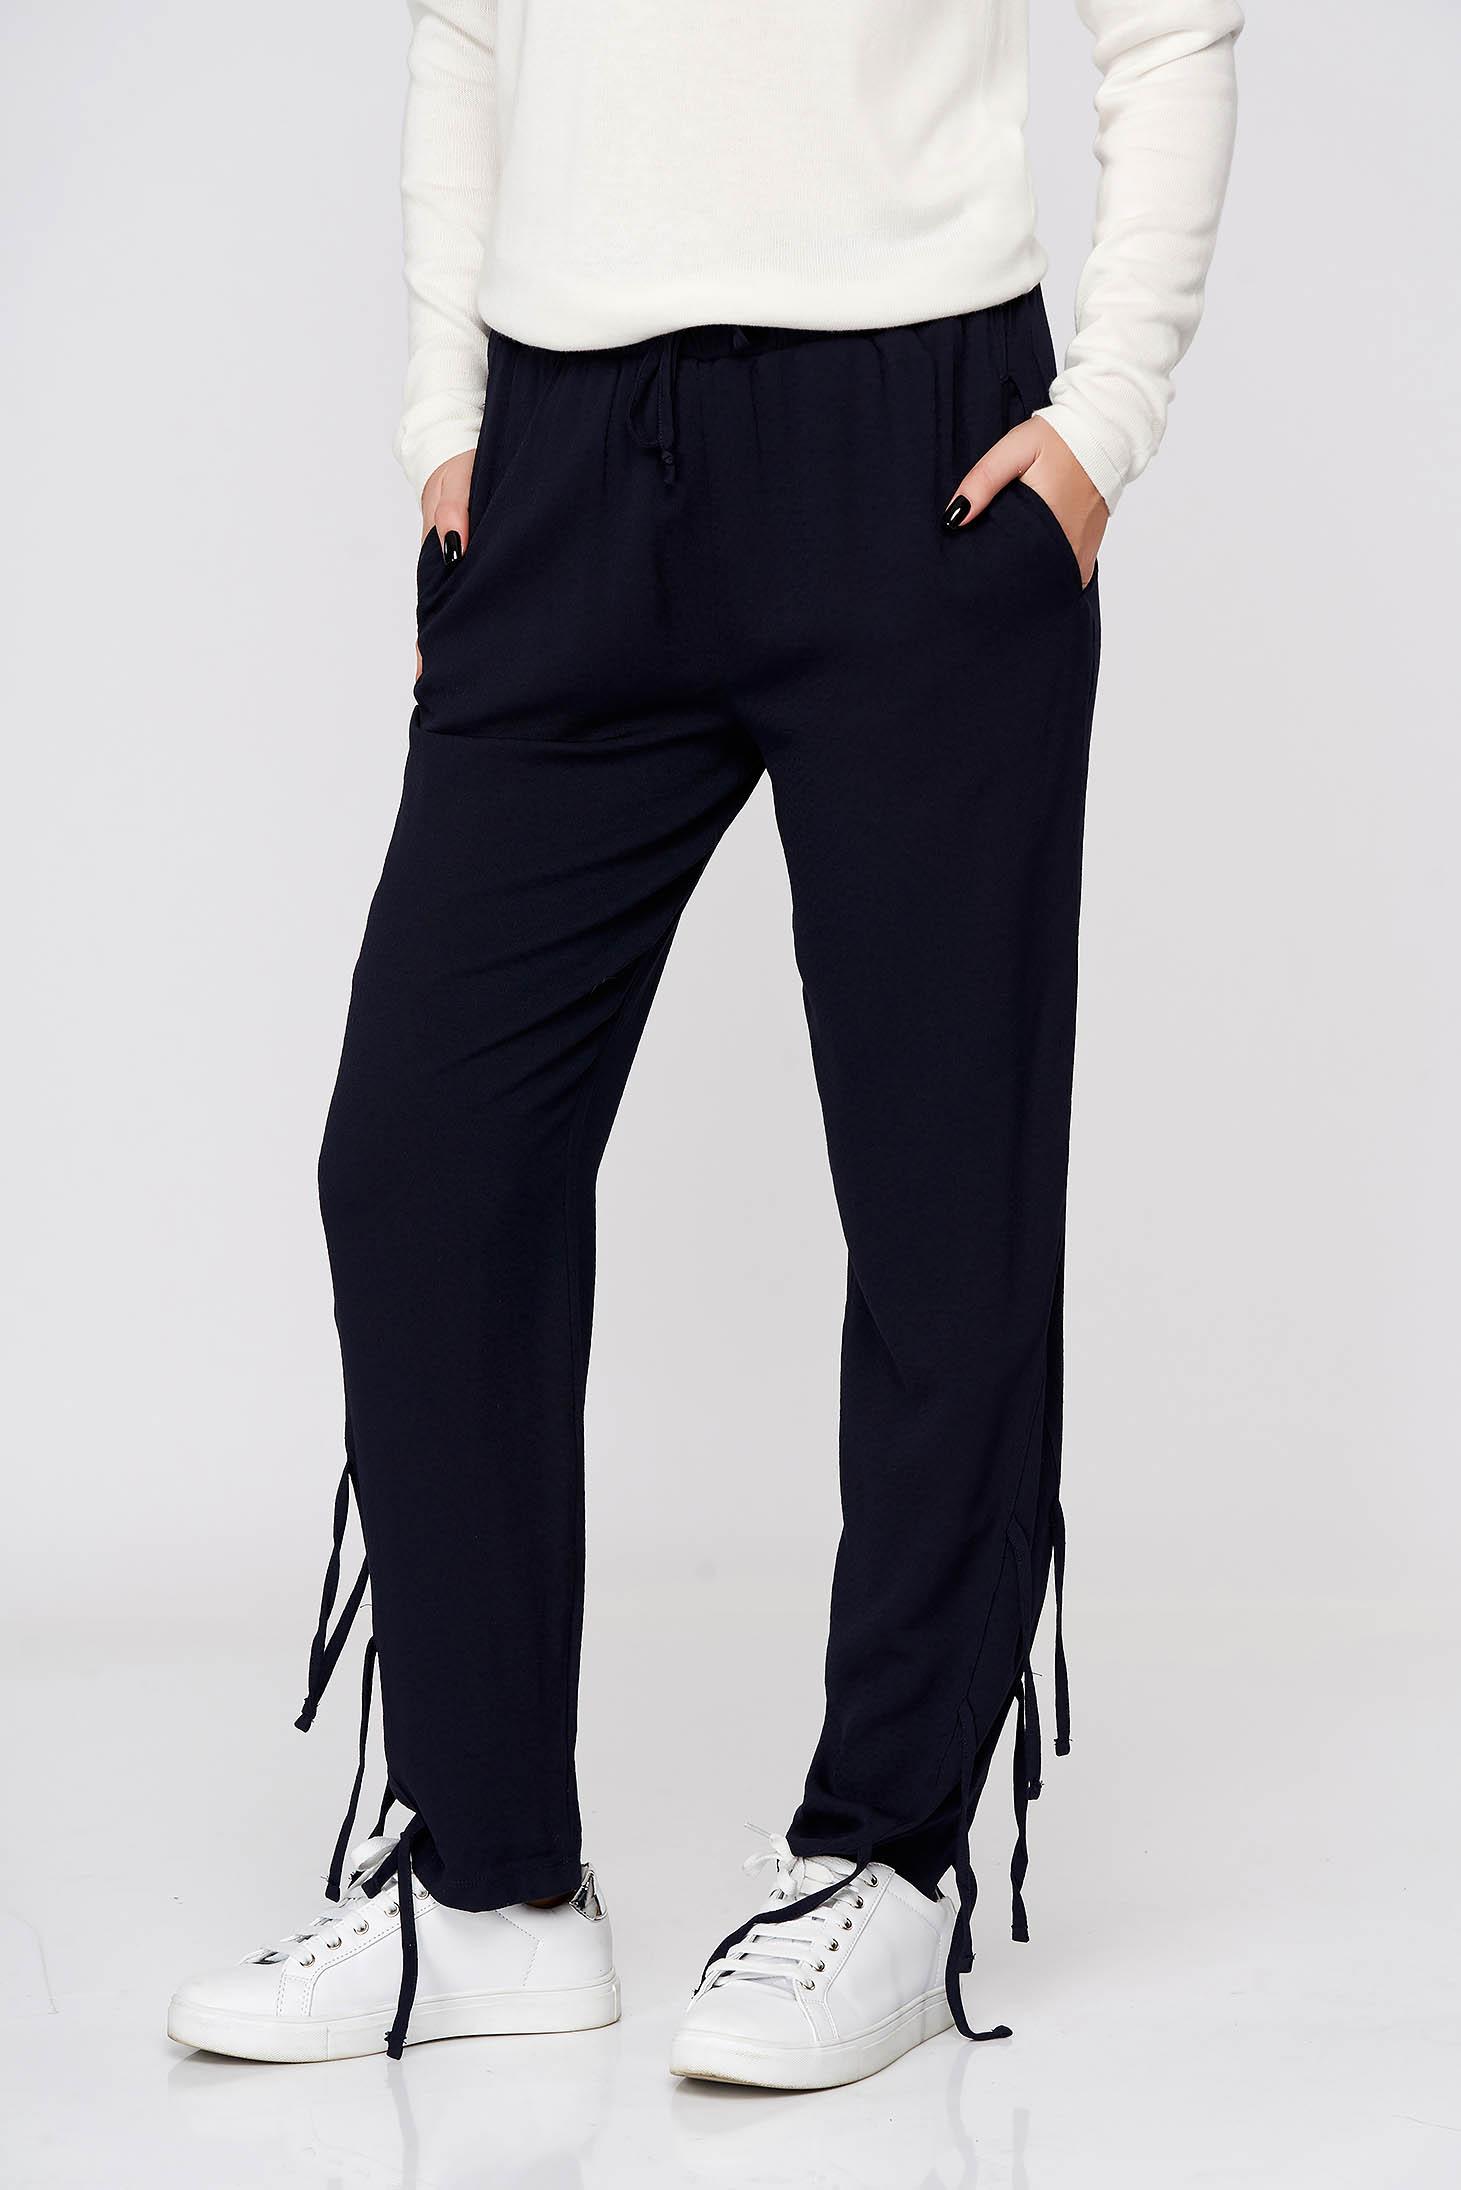 Top Secret S031920 DarkBlue Trousers